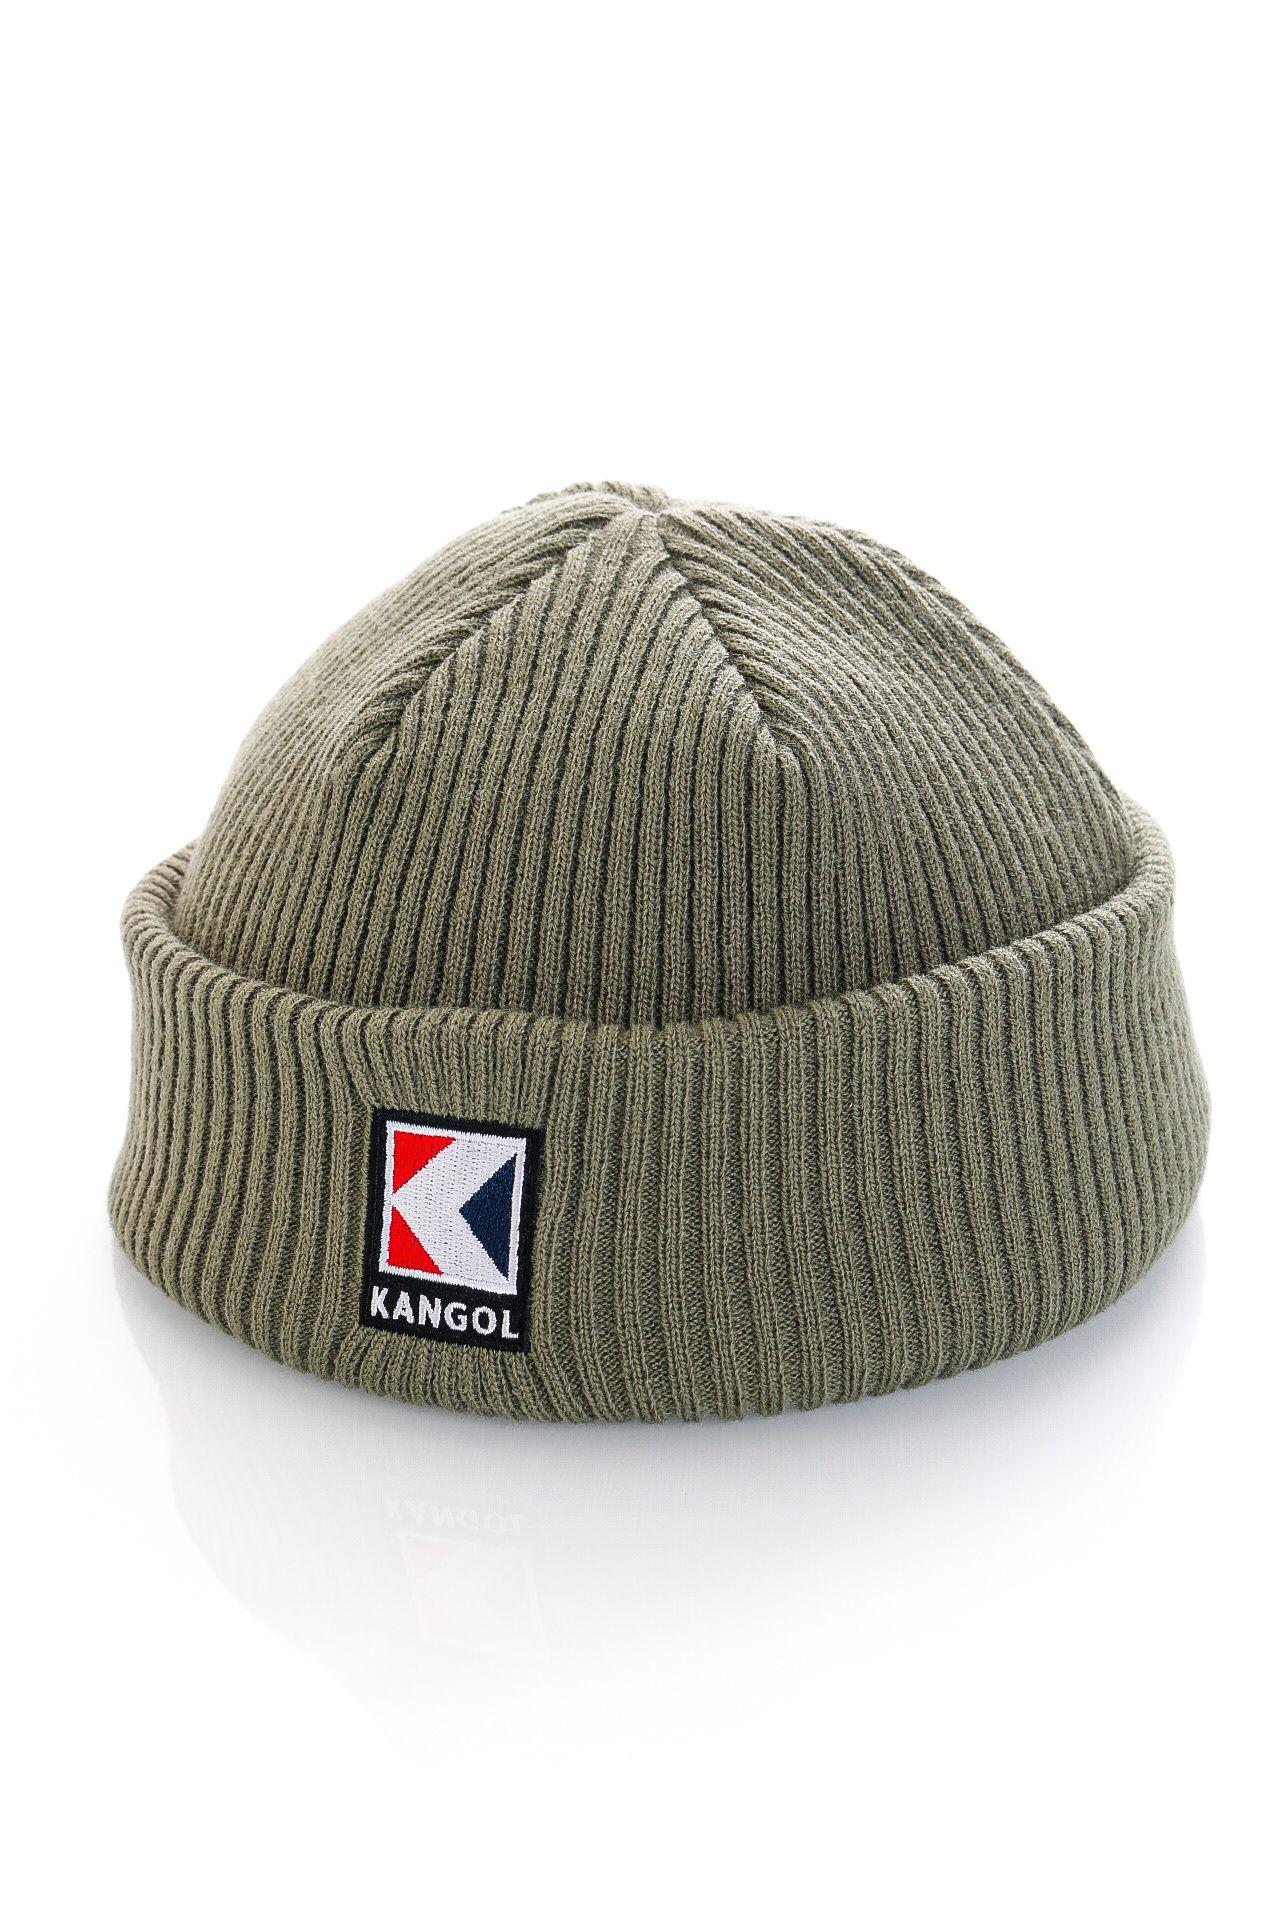 Afbeelding van Kangol Muts SERVICE-K RIB Oil Green K3528